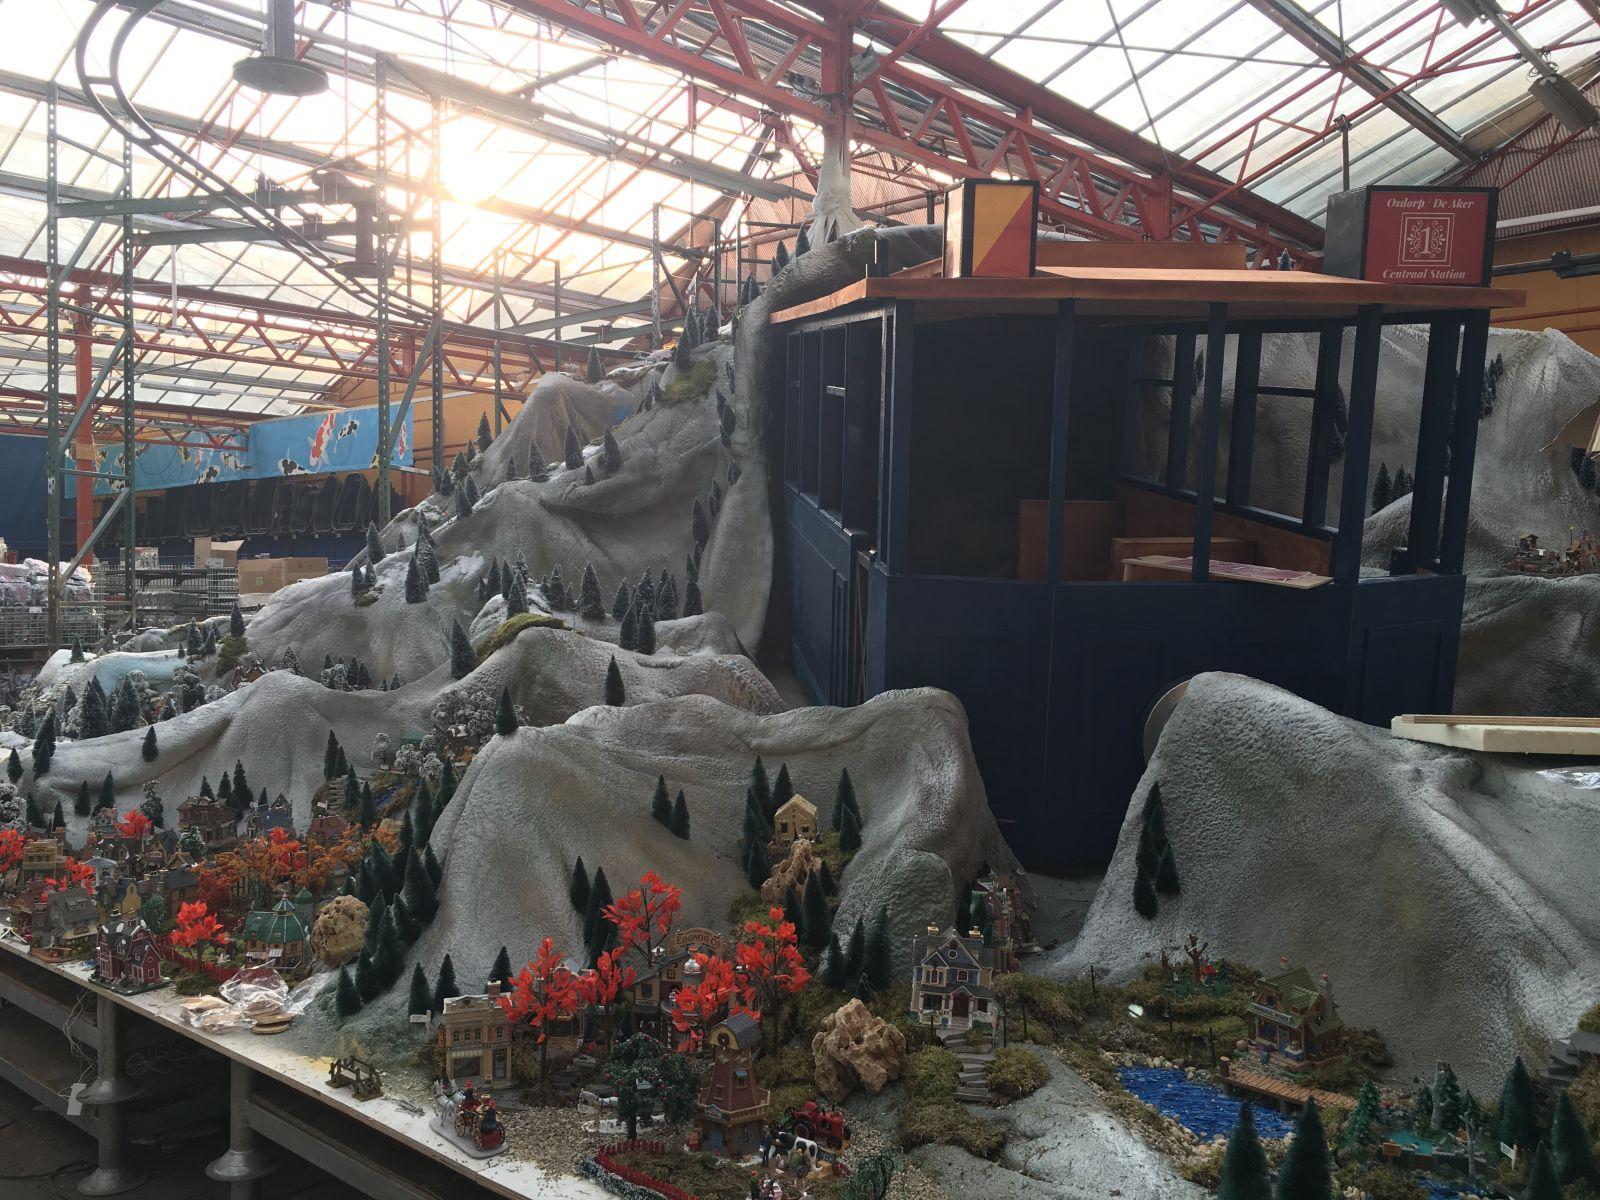 Opbouw kerstdorp met tram tuincentrum osdorp